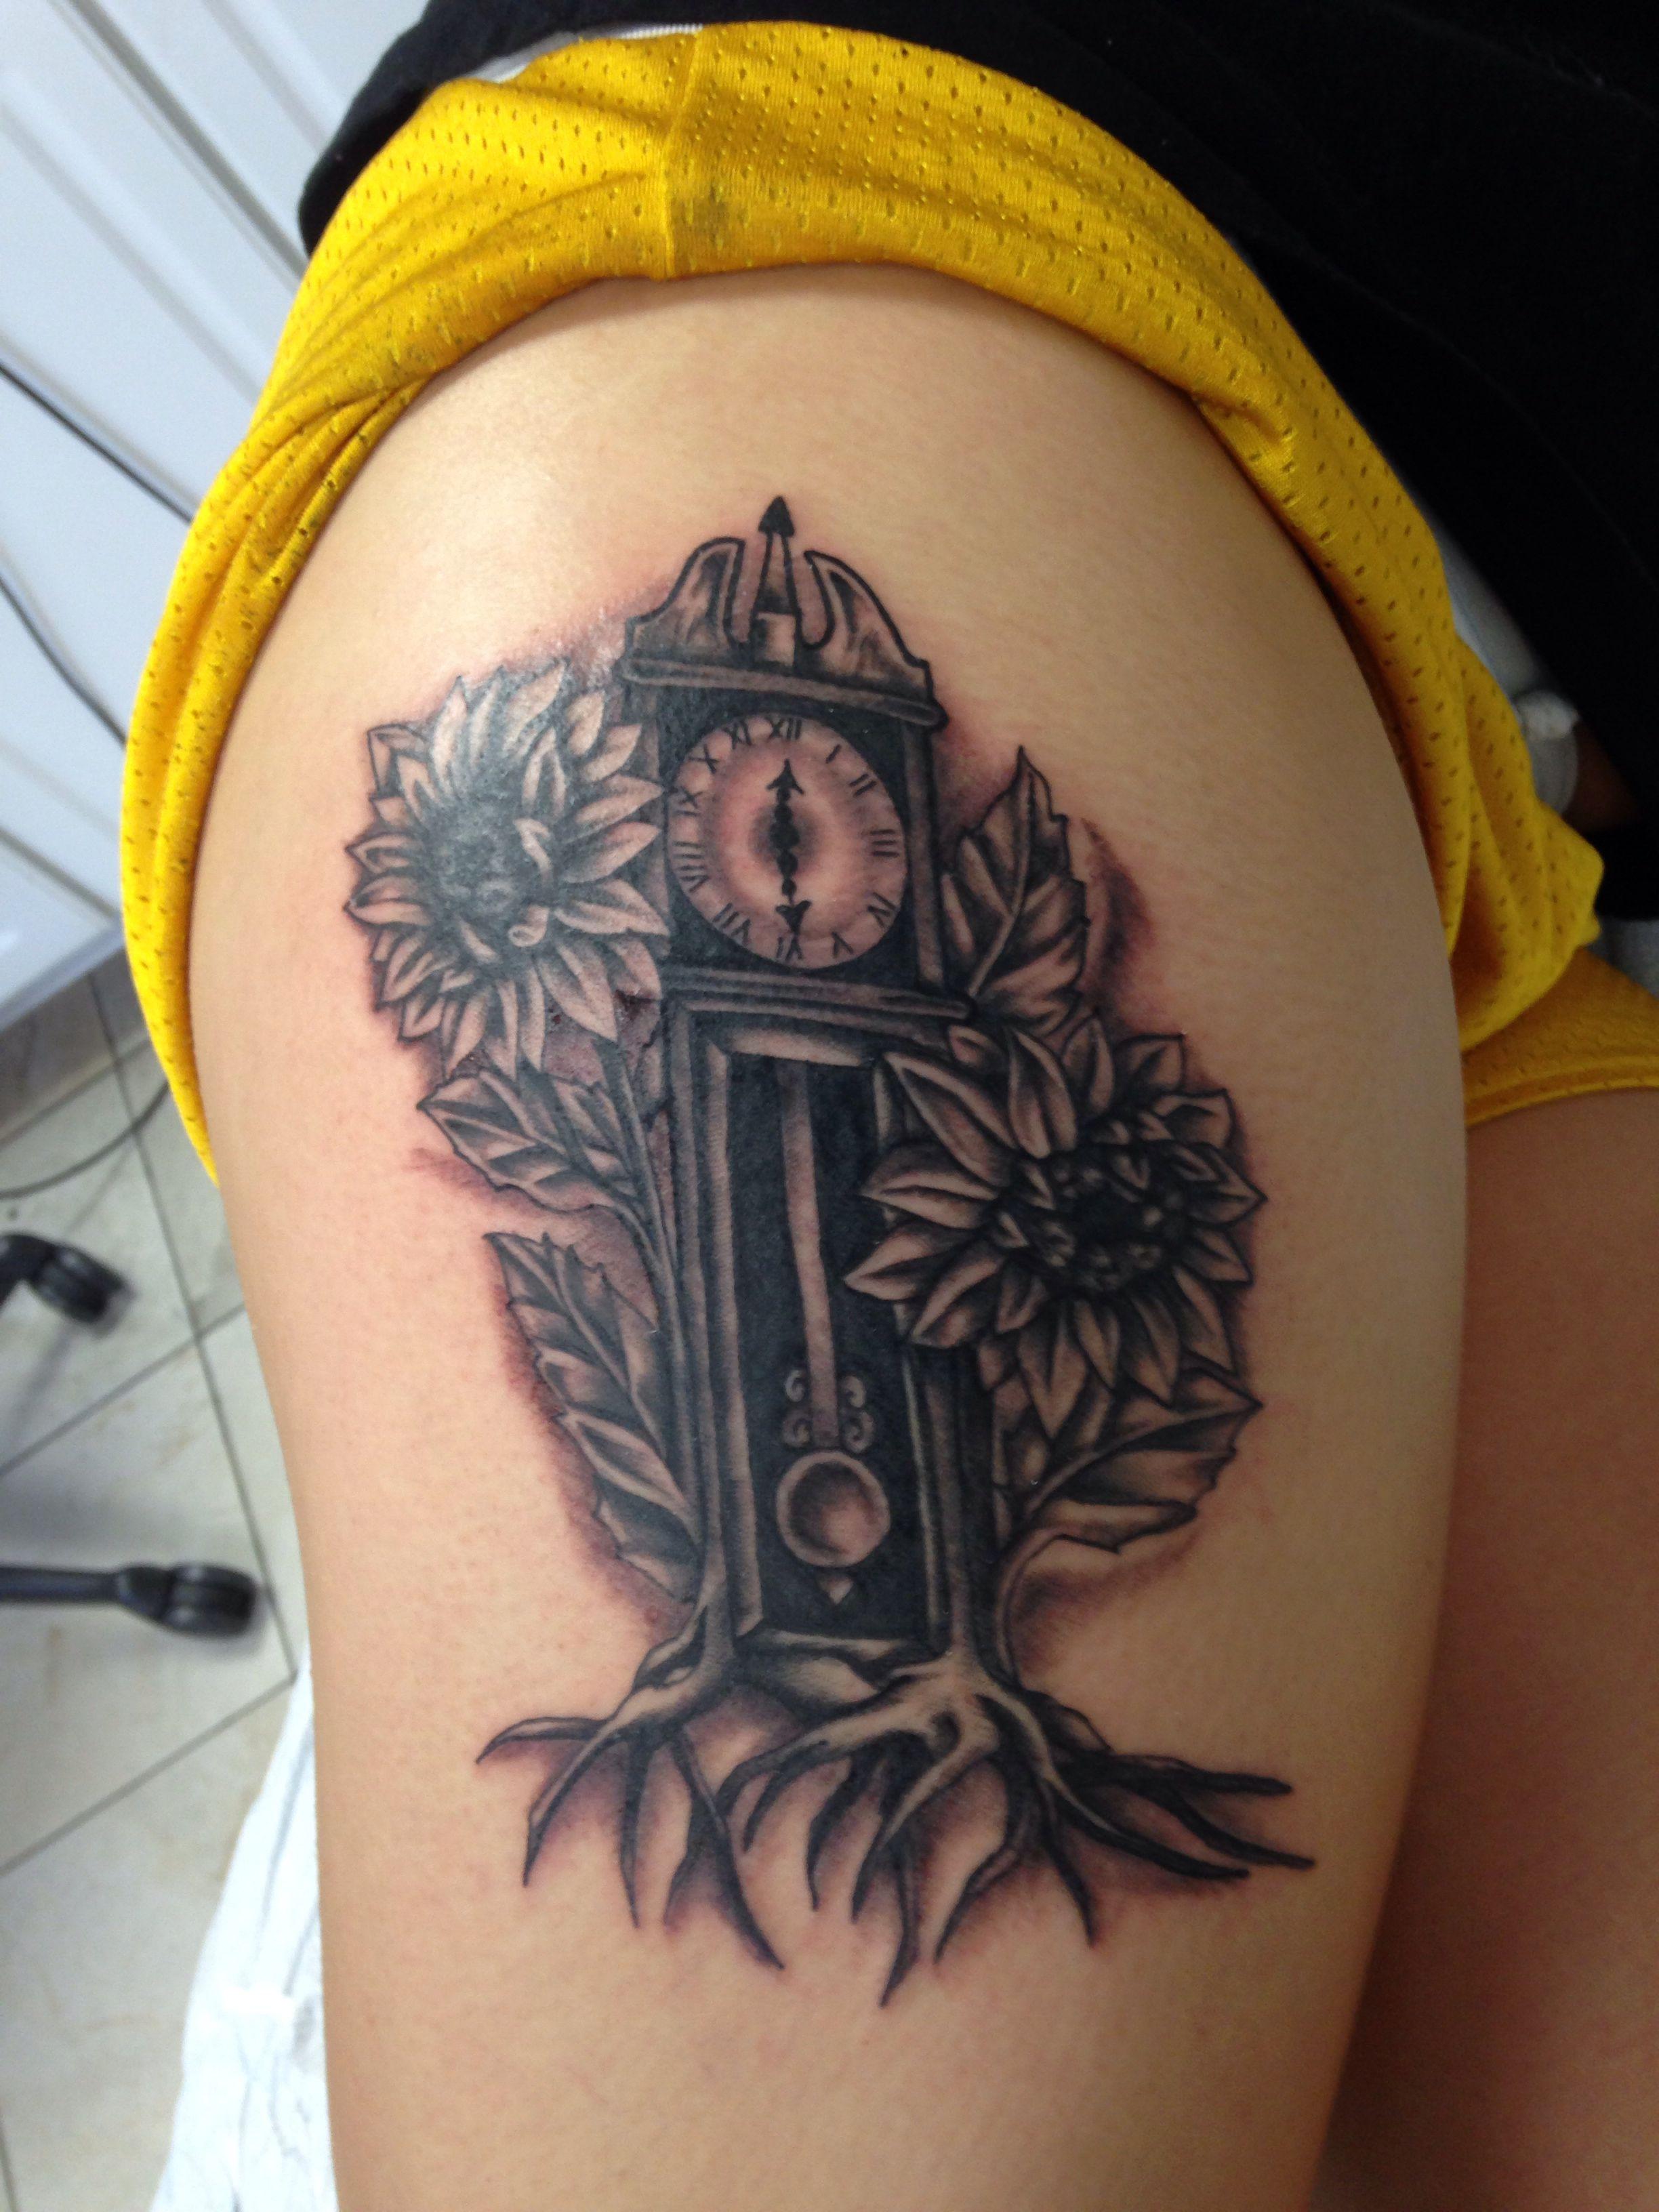 Thigh Tattoo Clock Tattoo Grandfatherclock Sunflower Thigh Tattoo Tattoos Grandfather Clock